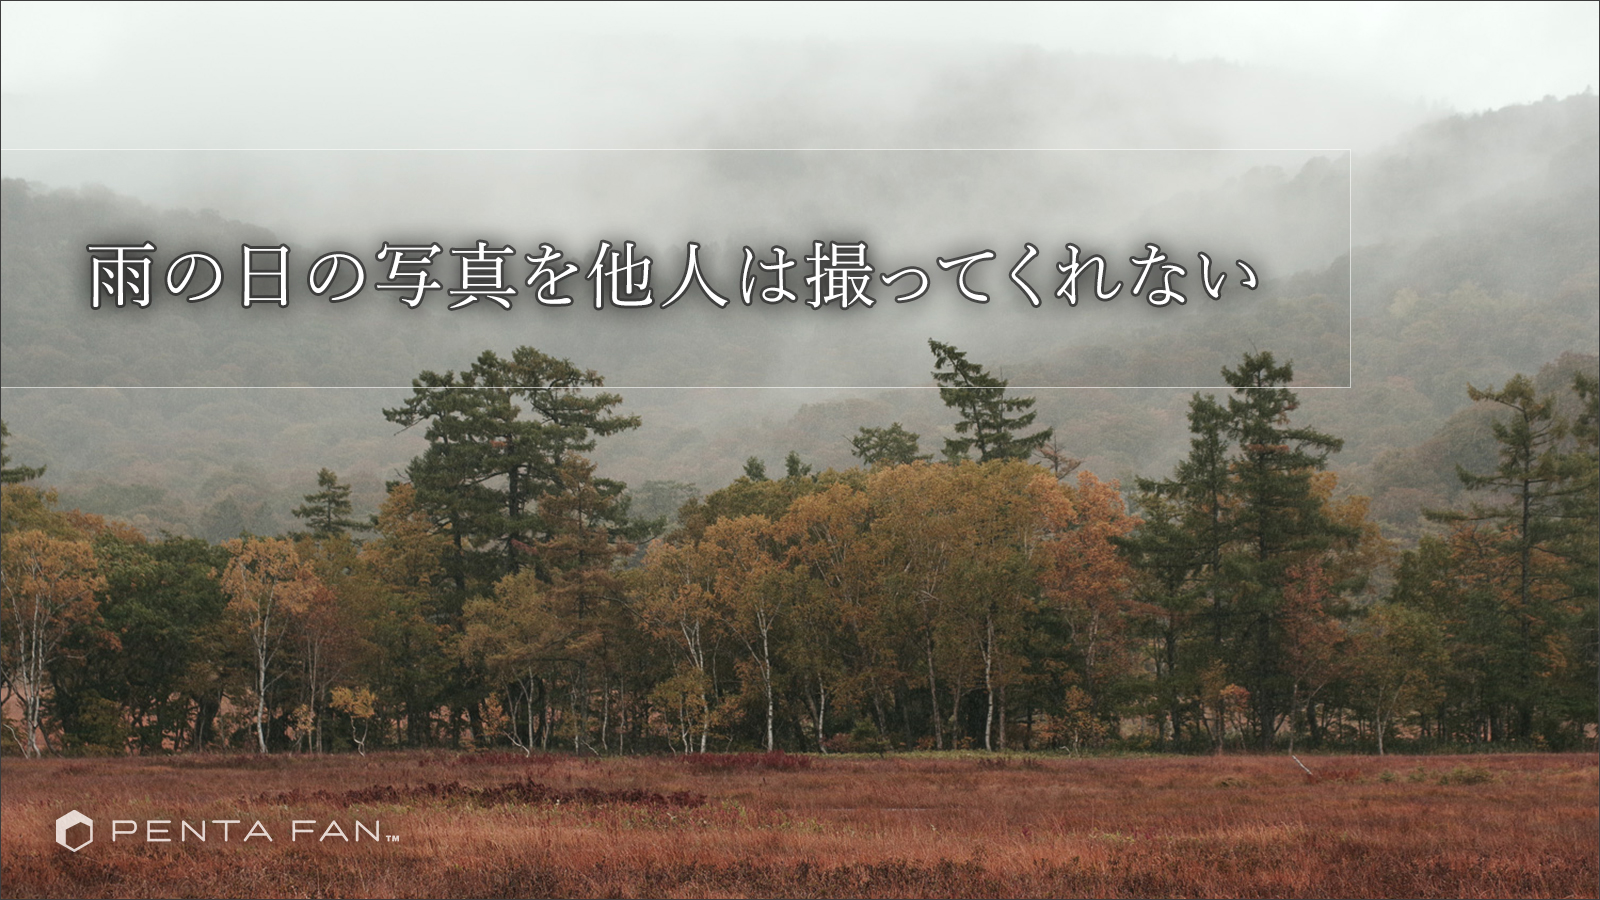 【雨にうたえば】雨の尾瀬は俺が撮る